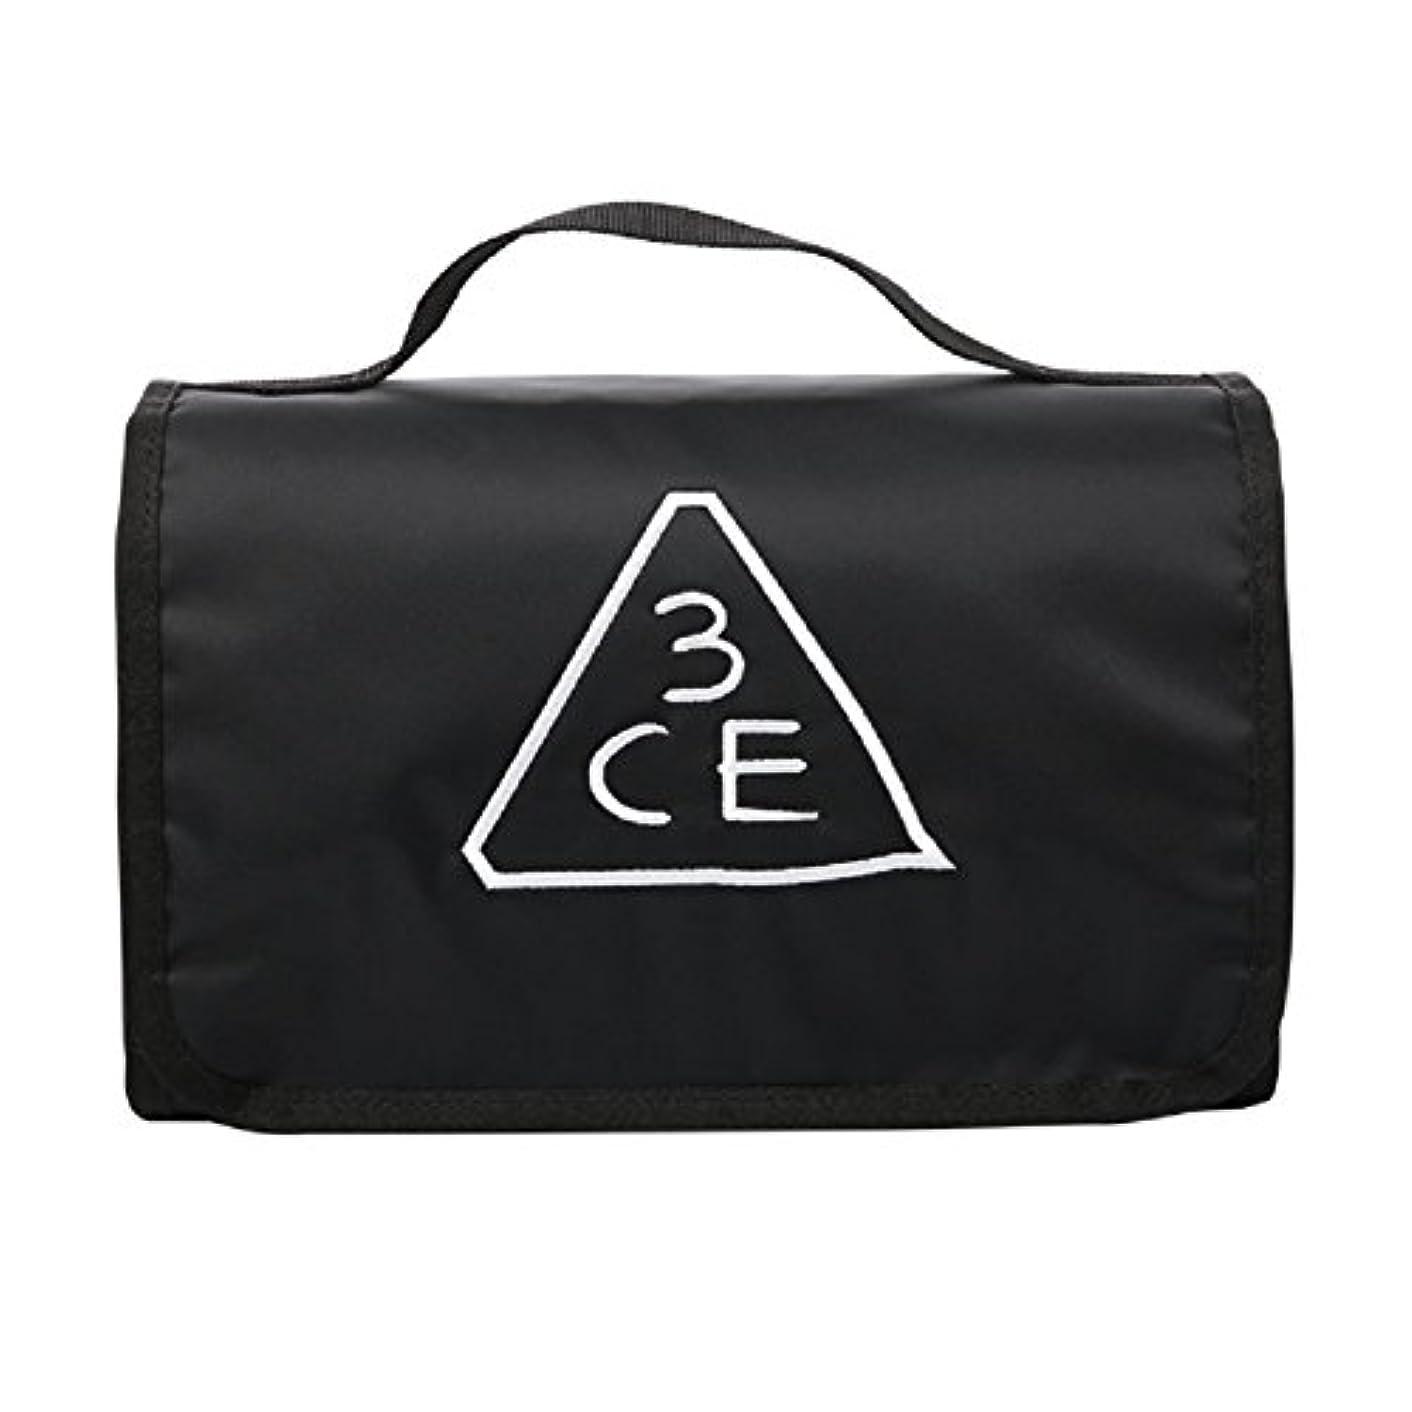 縁意外徐々に3CE(3 CONCEPT EYES) WASH BAG ワッシュバッグ BIG SIZE COSMETIC POUCH 大きなサイズの化粧品のポ BLACK FREE SIZE [韓国並行輸入品]